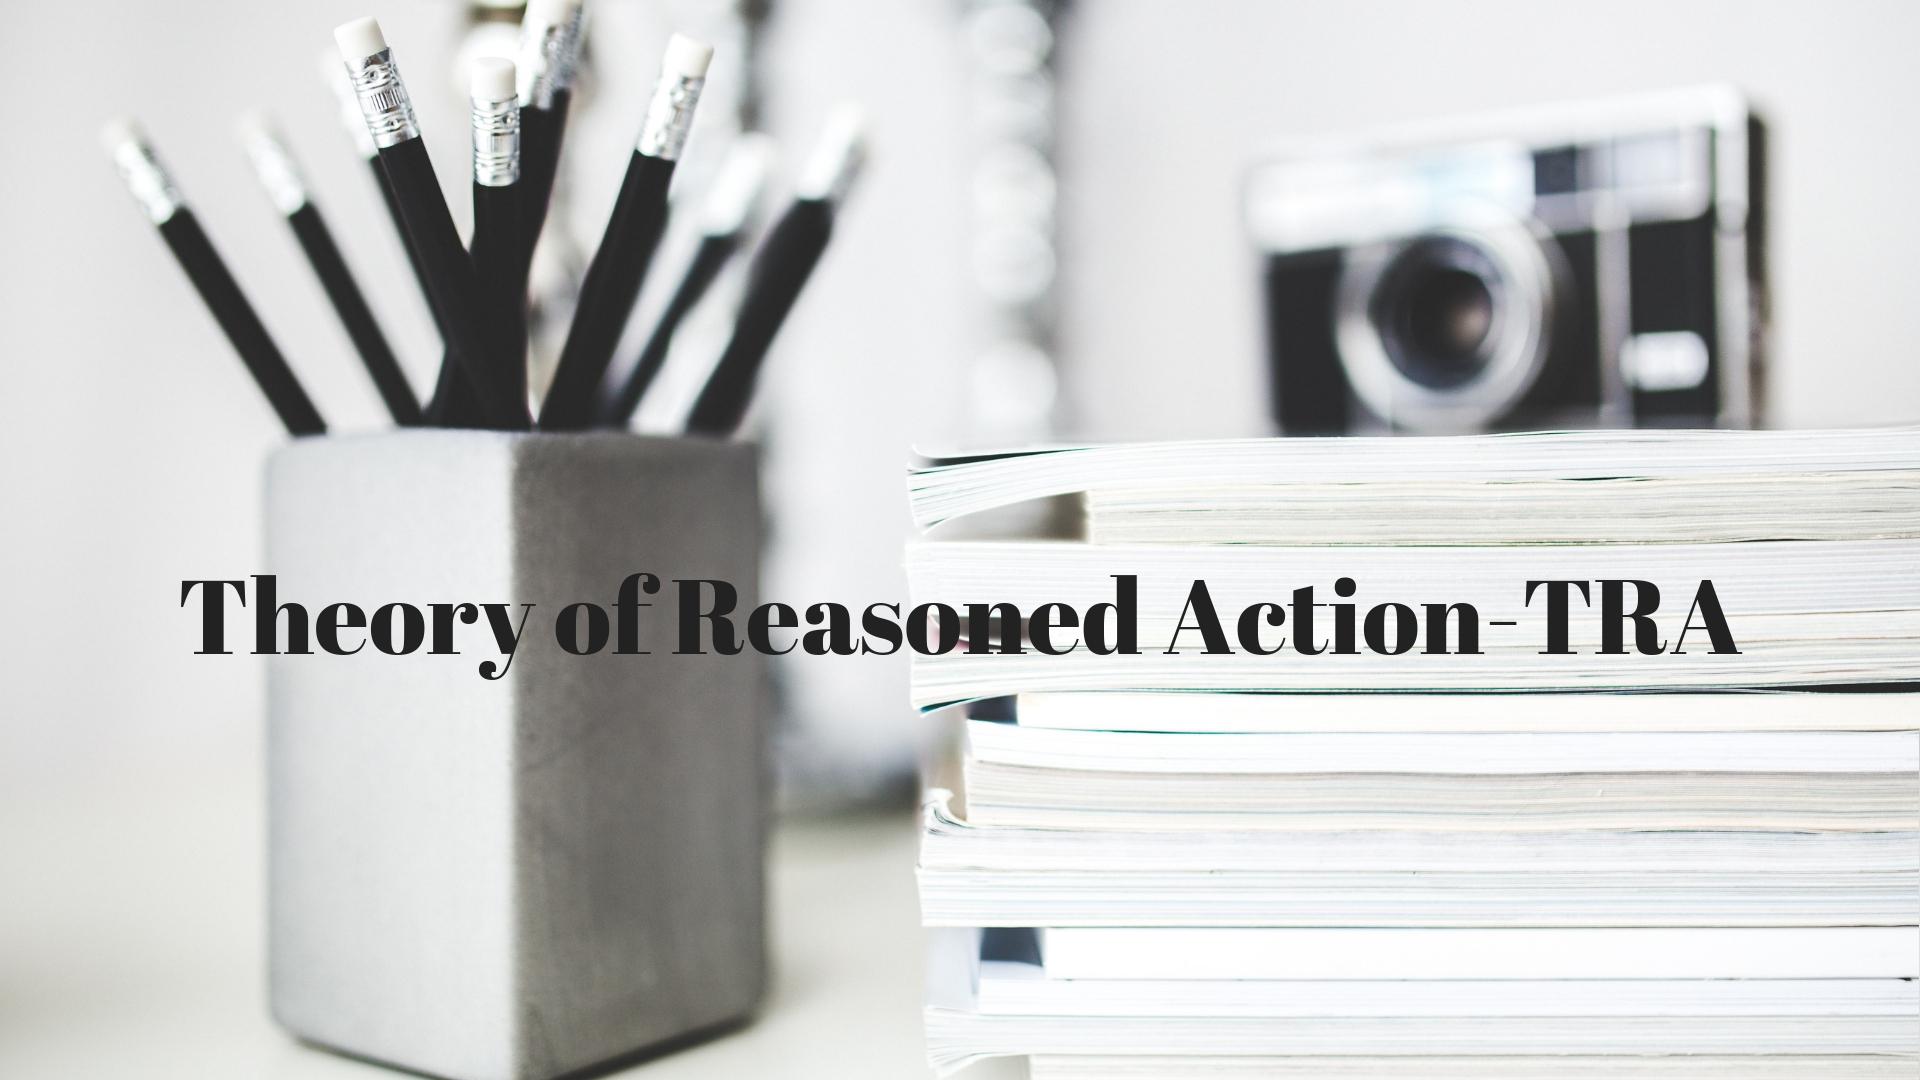 Theory of Reasoned Action TRA - Lý thuyết hành động hợp lý (TRA)